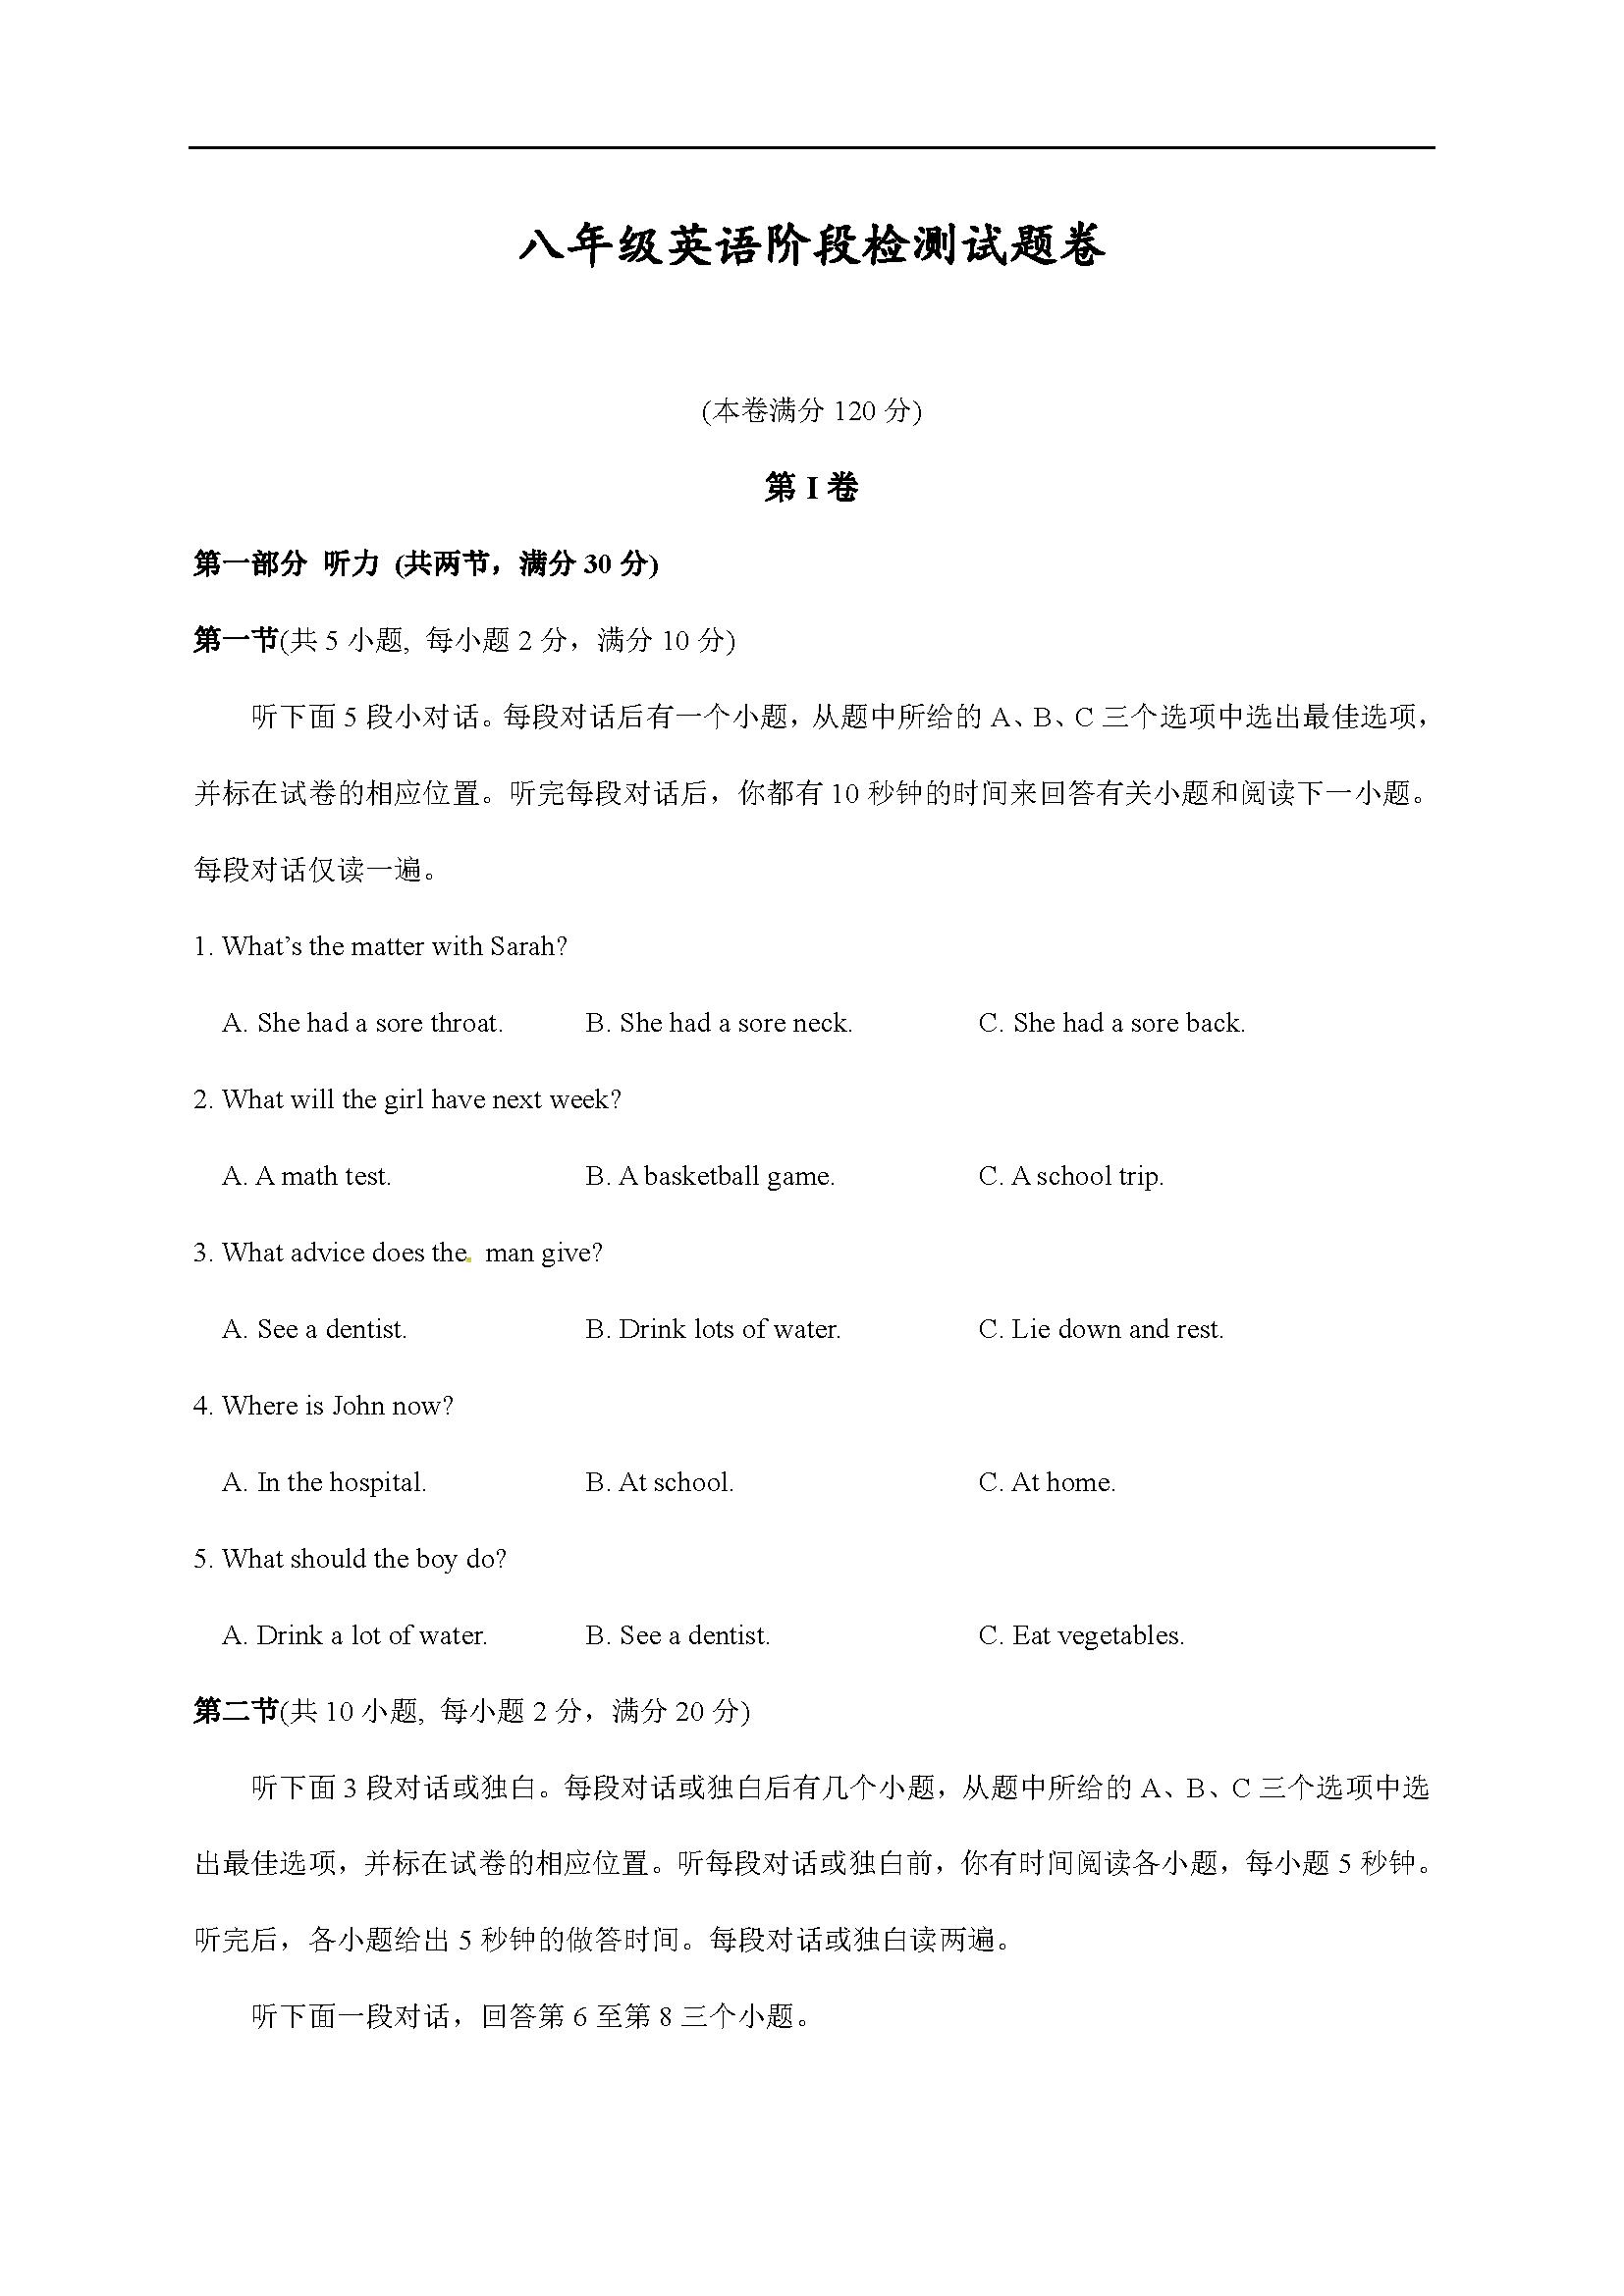 浙江杭州萧山戴村片2016-2017八年级3月月考英语试题(Word版)